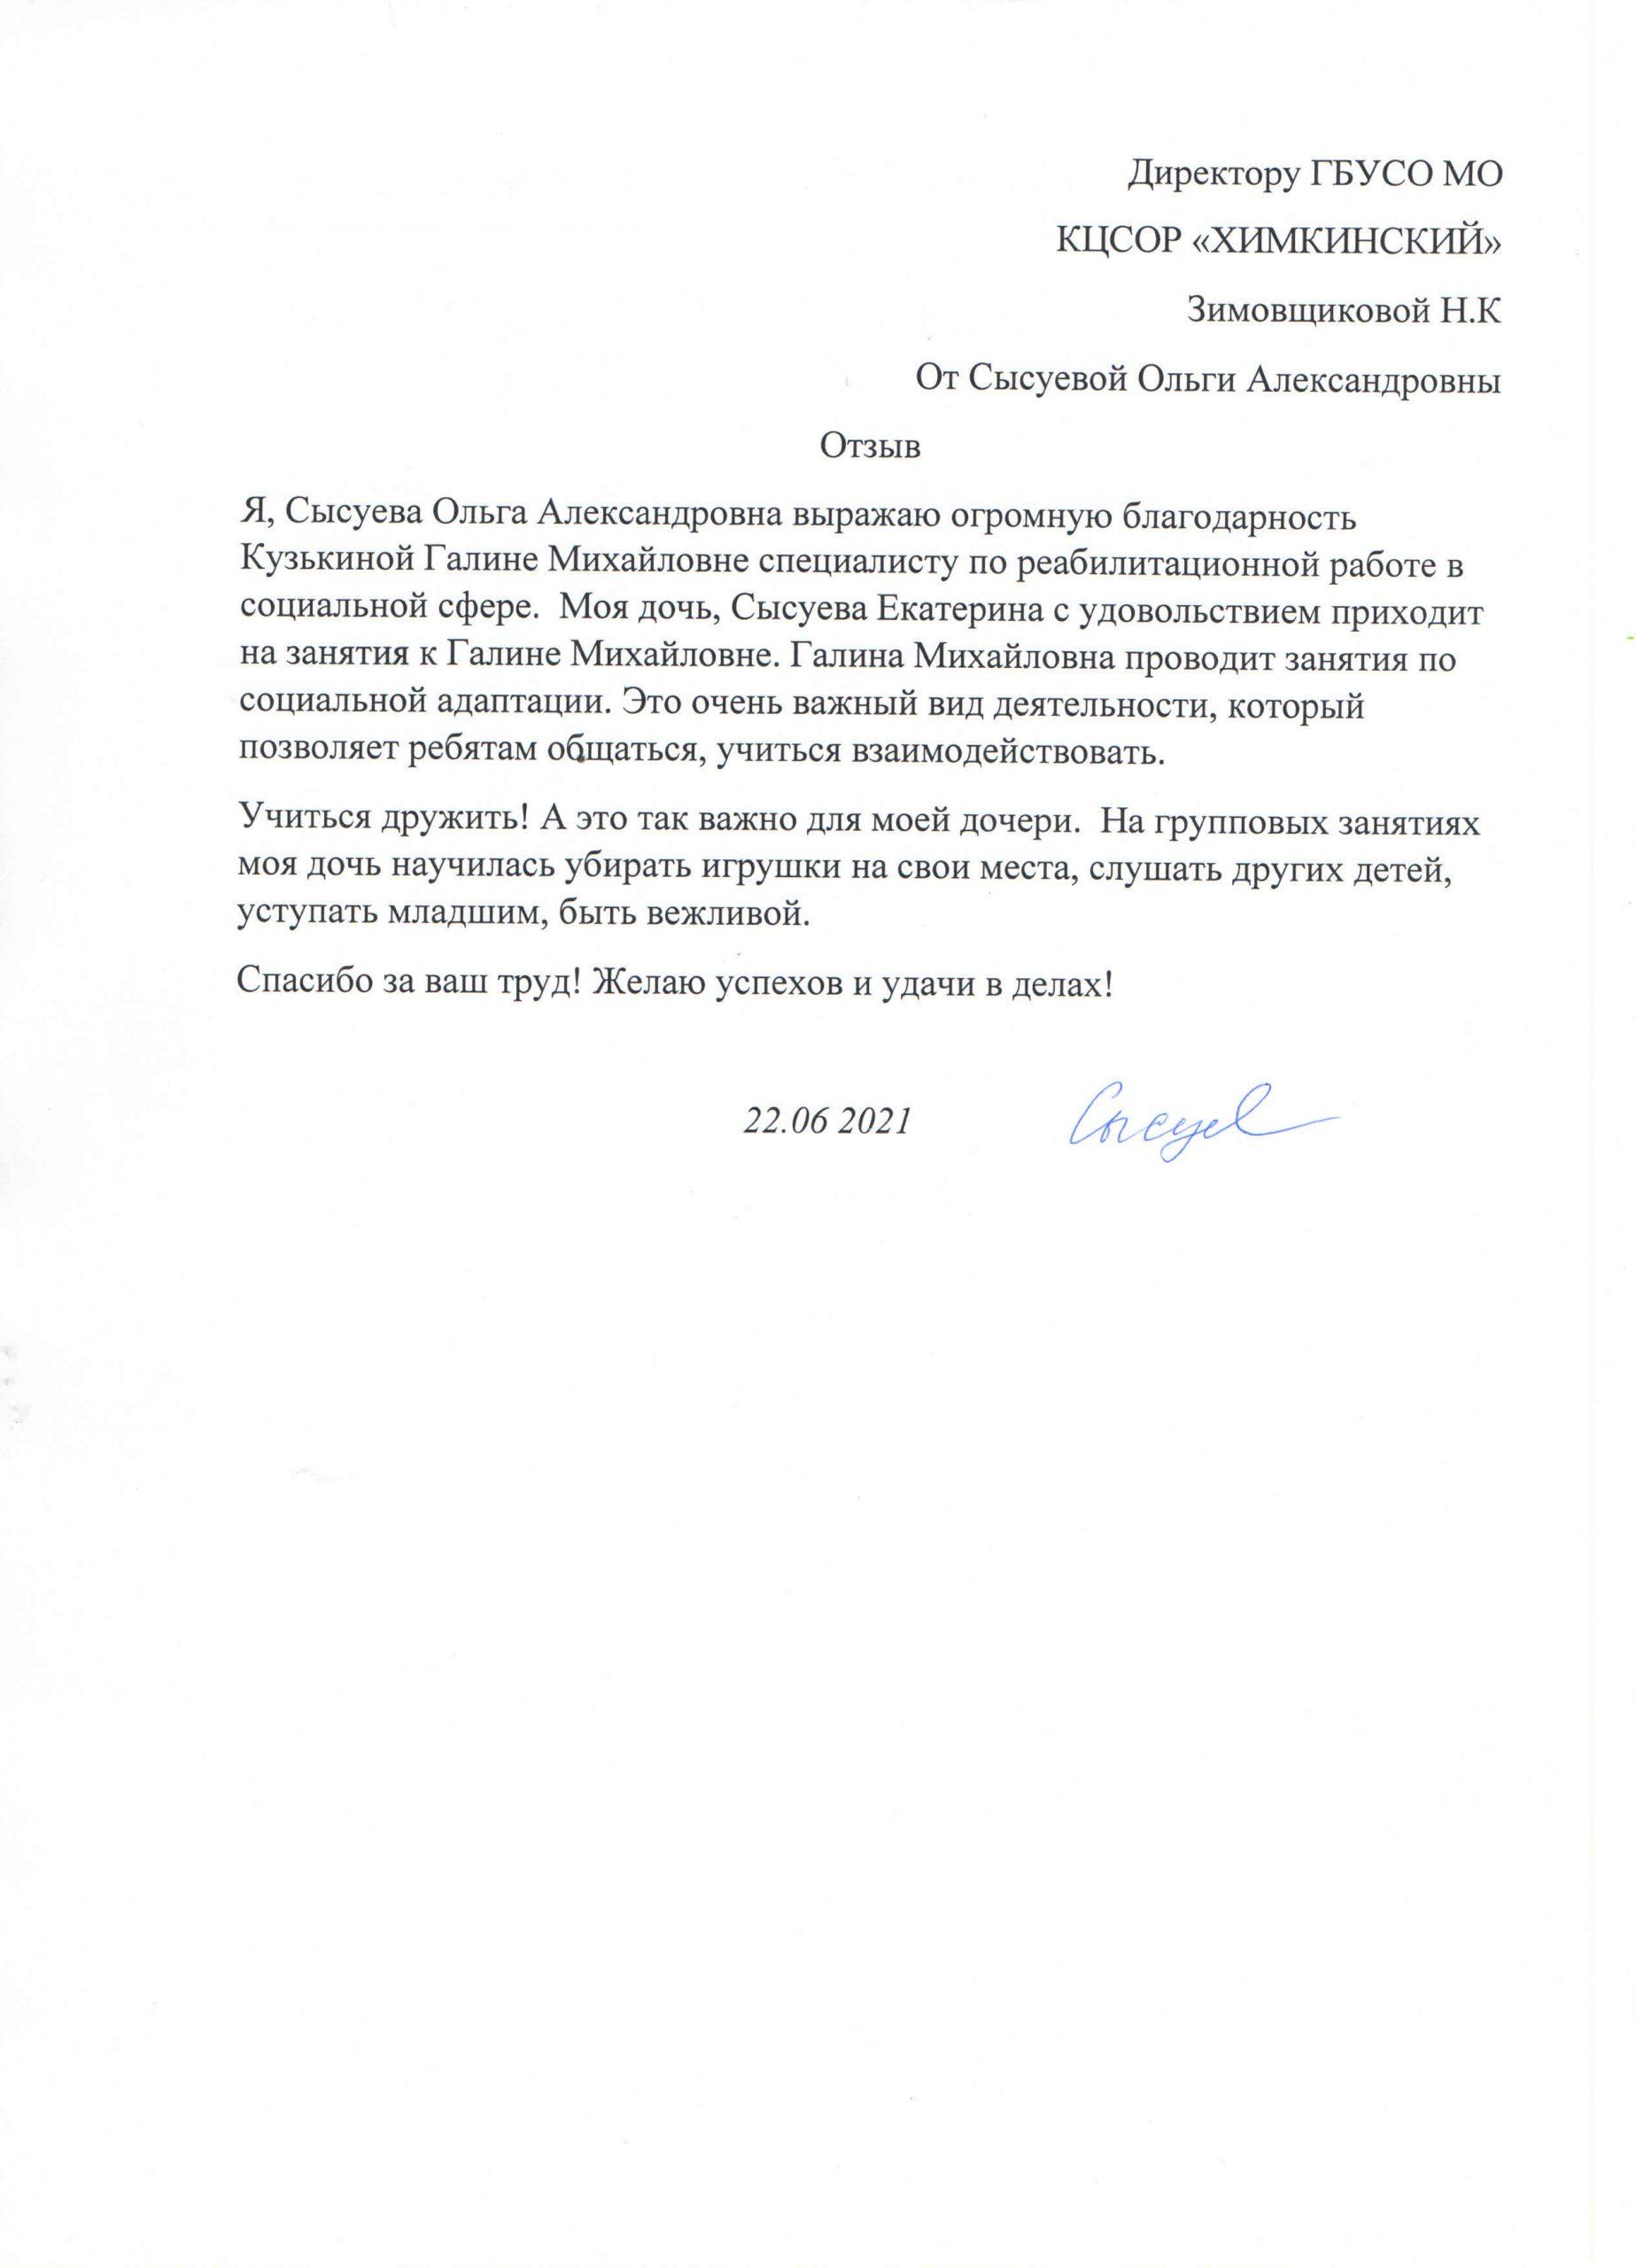 Кузькина 22.06.2021